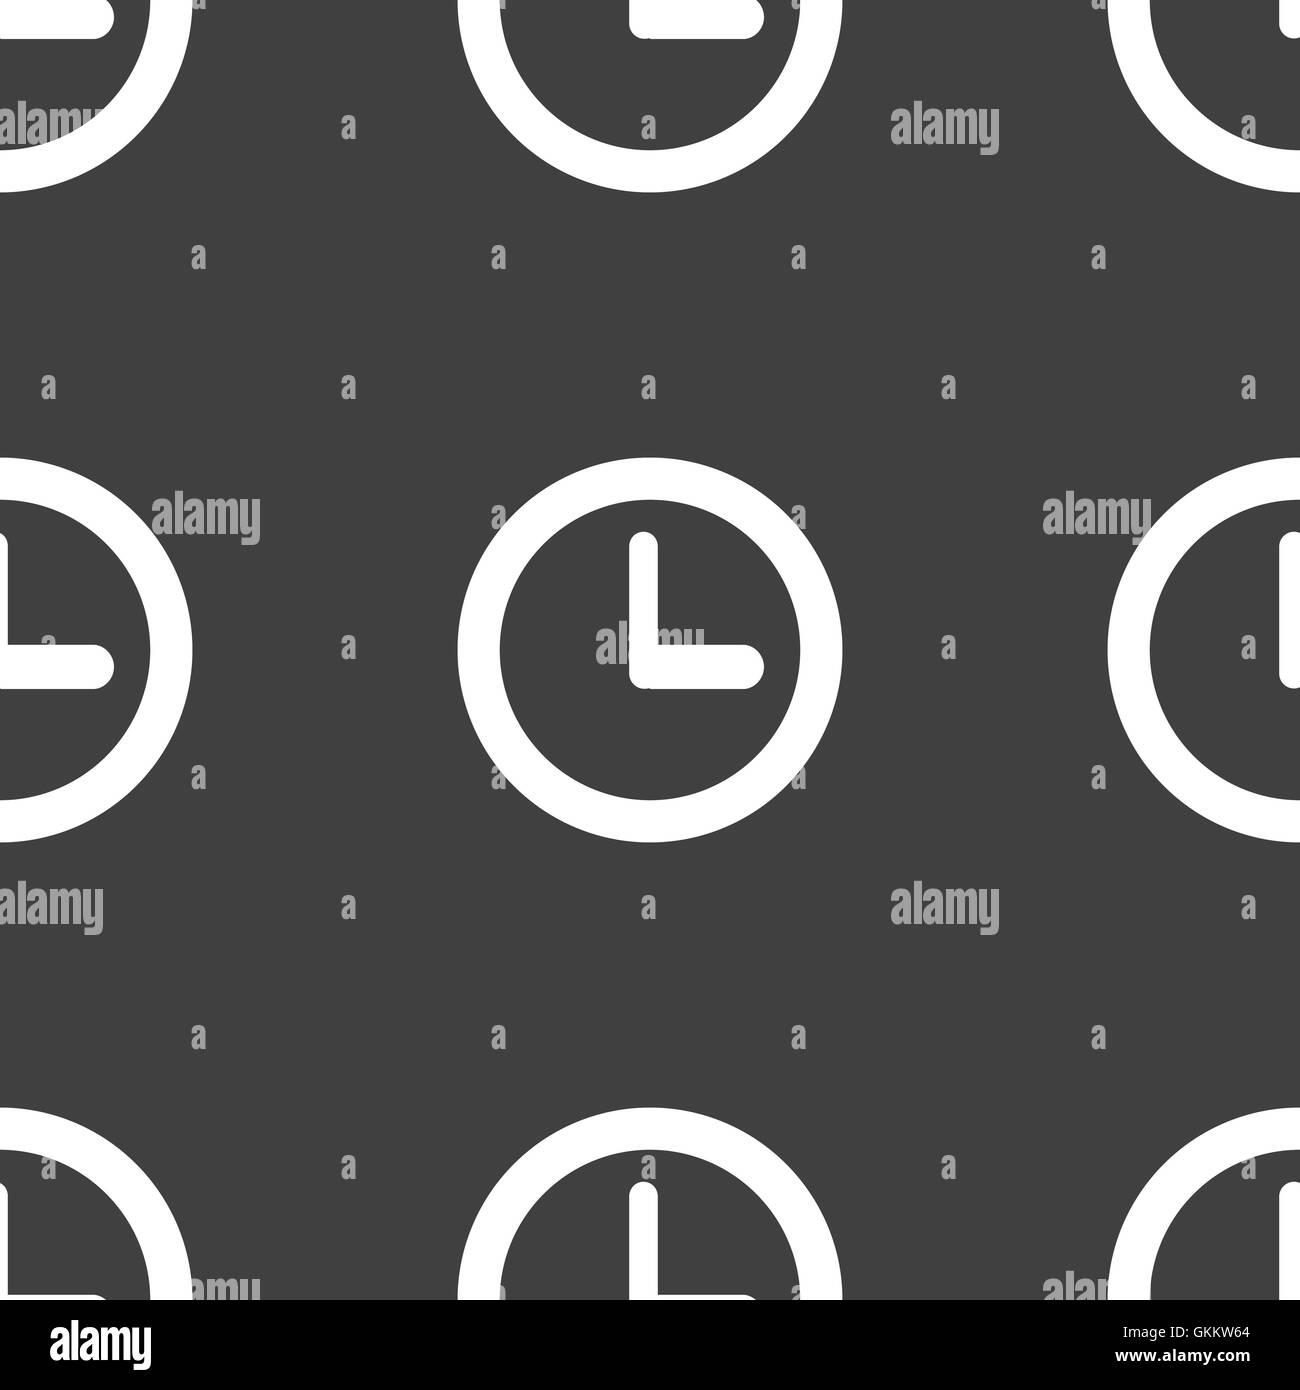 Watch web icon. flat design. Seamless pattern. - Stock Image